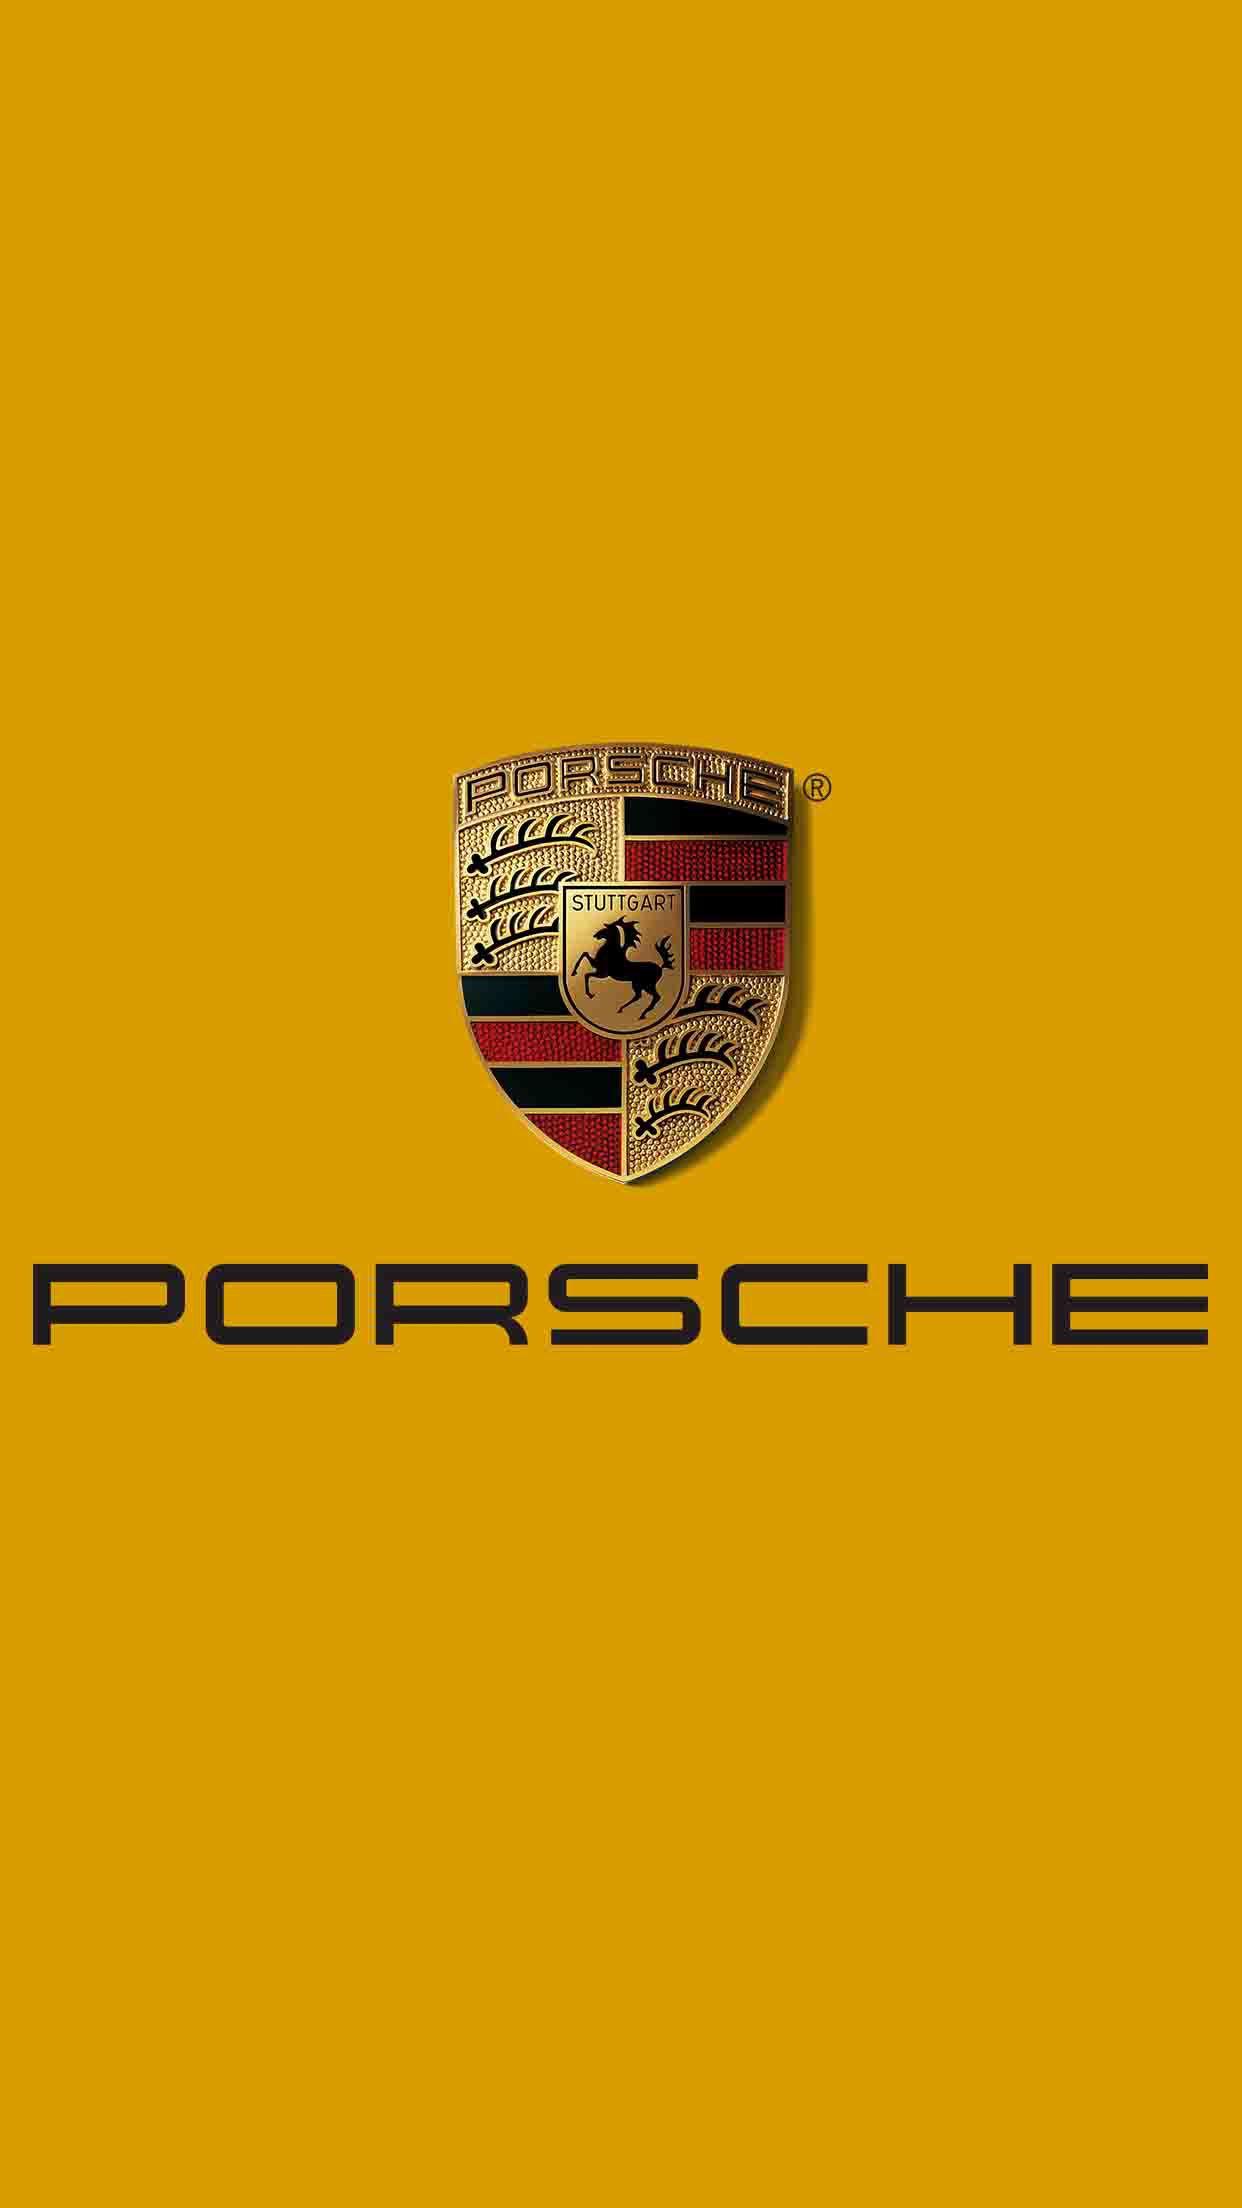 Porsche Original Wallpapers 4k Porsche Iphone Wallpaper Car Logos Luxury Car Logos